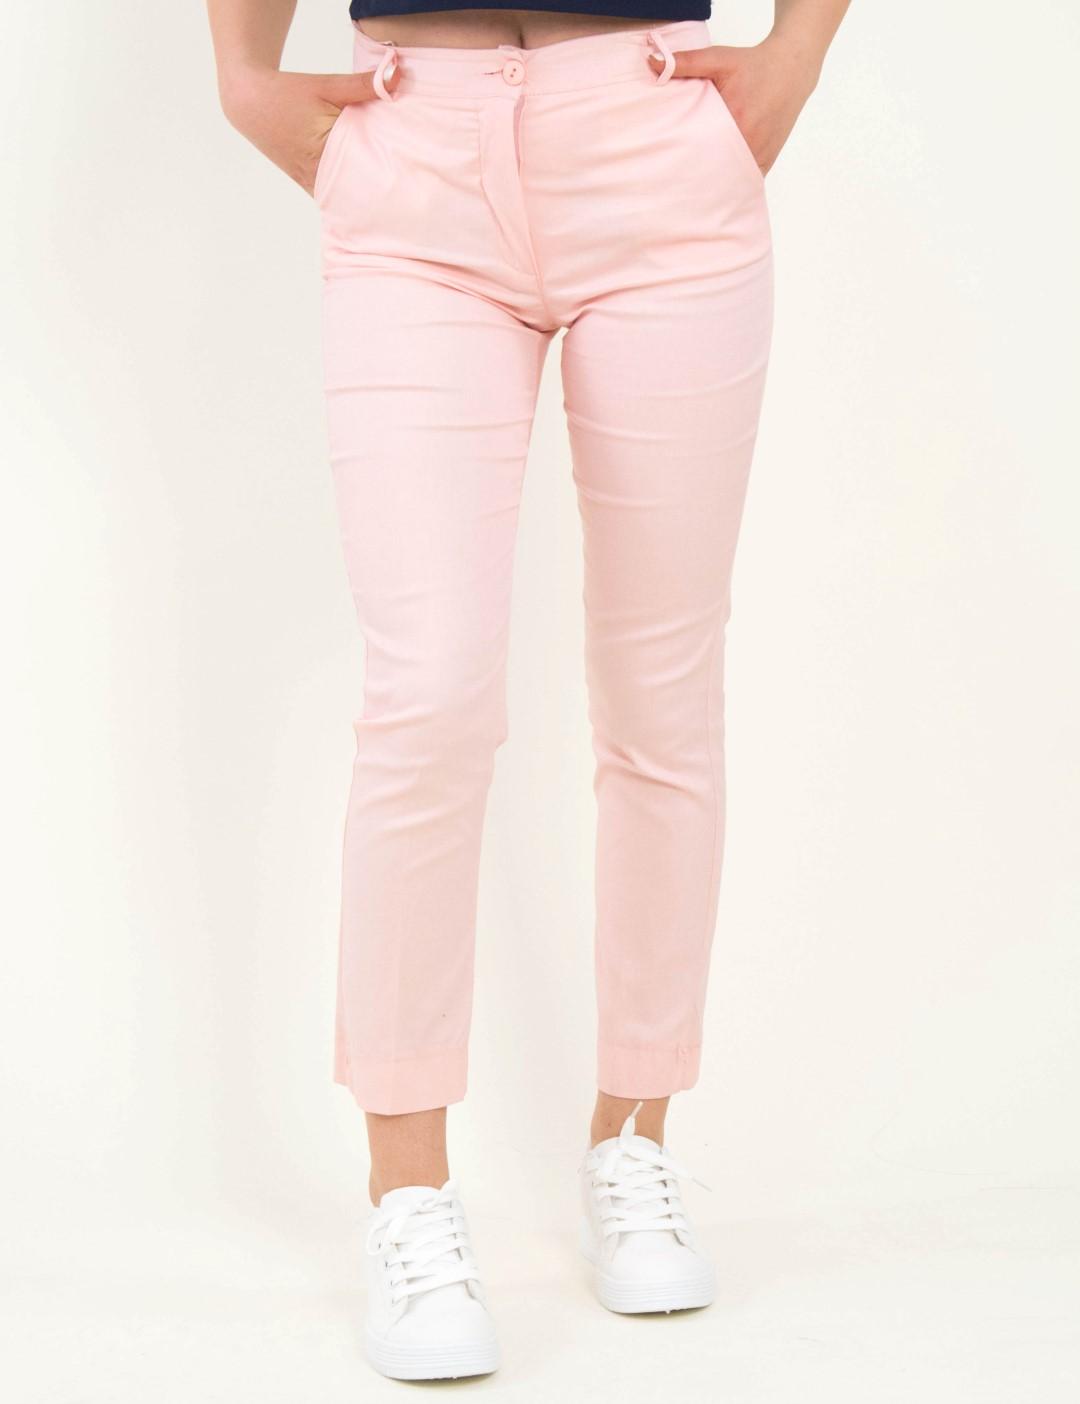 3557ddfcc18 Γυναικείο ροζ υφασμάτινο παντελόνι σωληνας So Sexy 41228